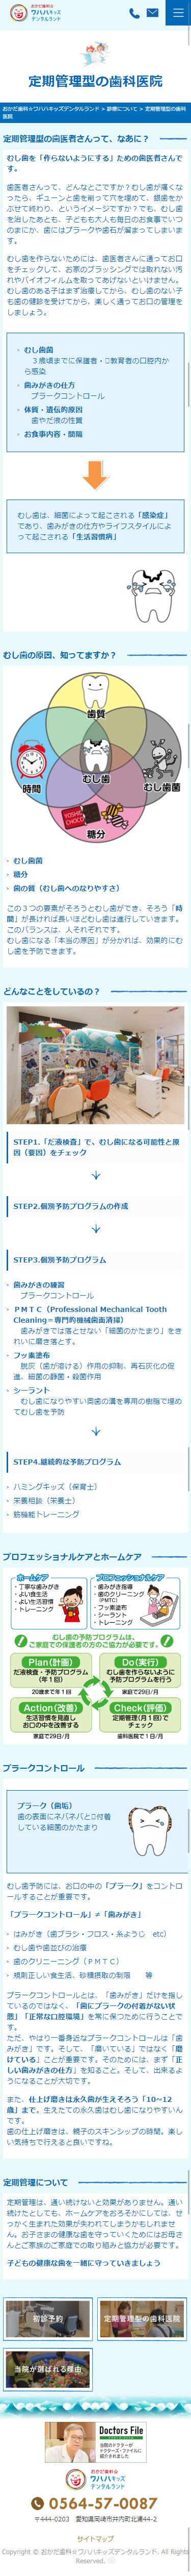 愛知県 おかだ歯科☆ワハハキッズデンタルランド様 ホームページ制作4